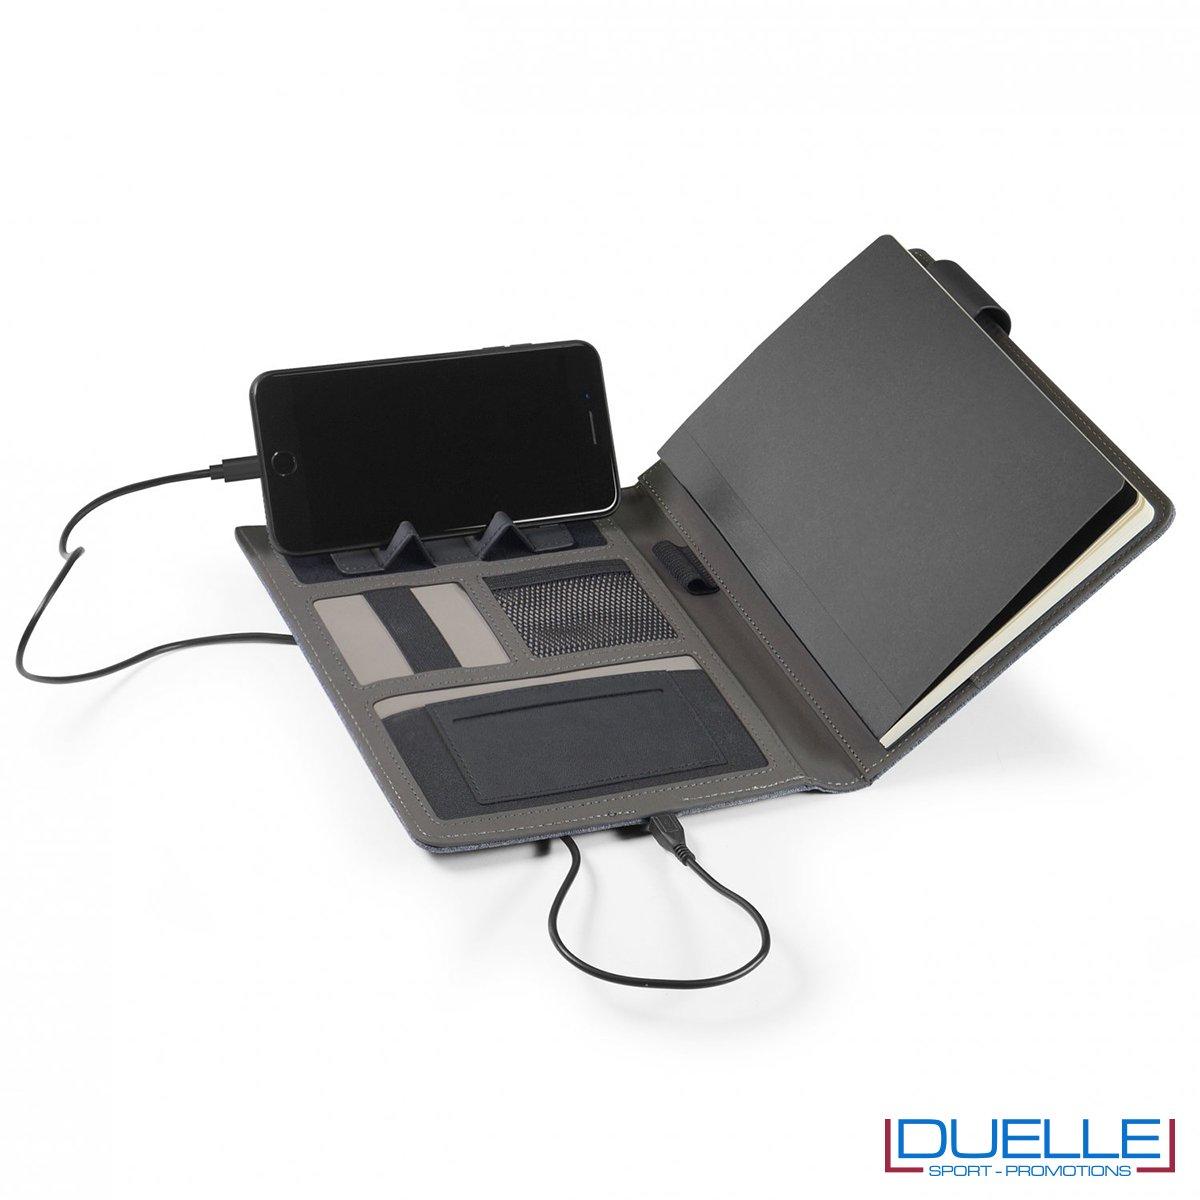 Porta blocco con blocco a5 e caricabatterie da 4000 mAh incorporato